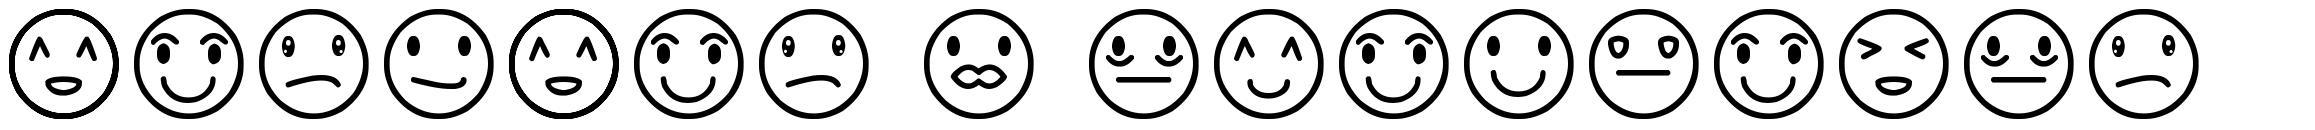 Rostros y emociones font